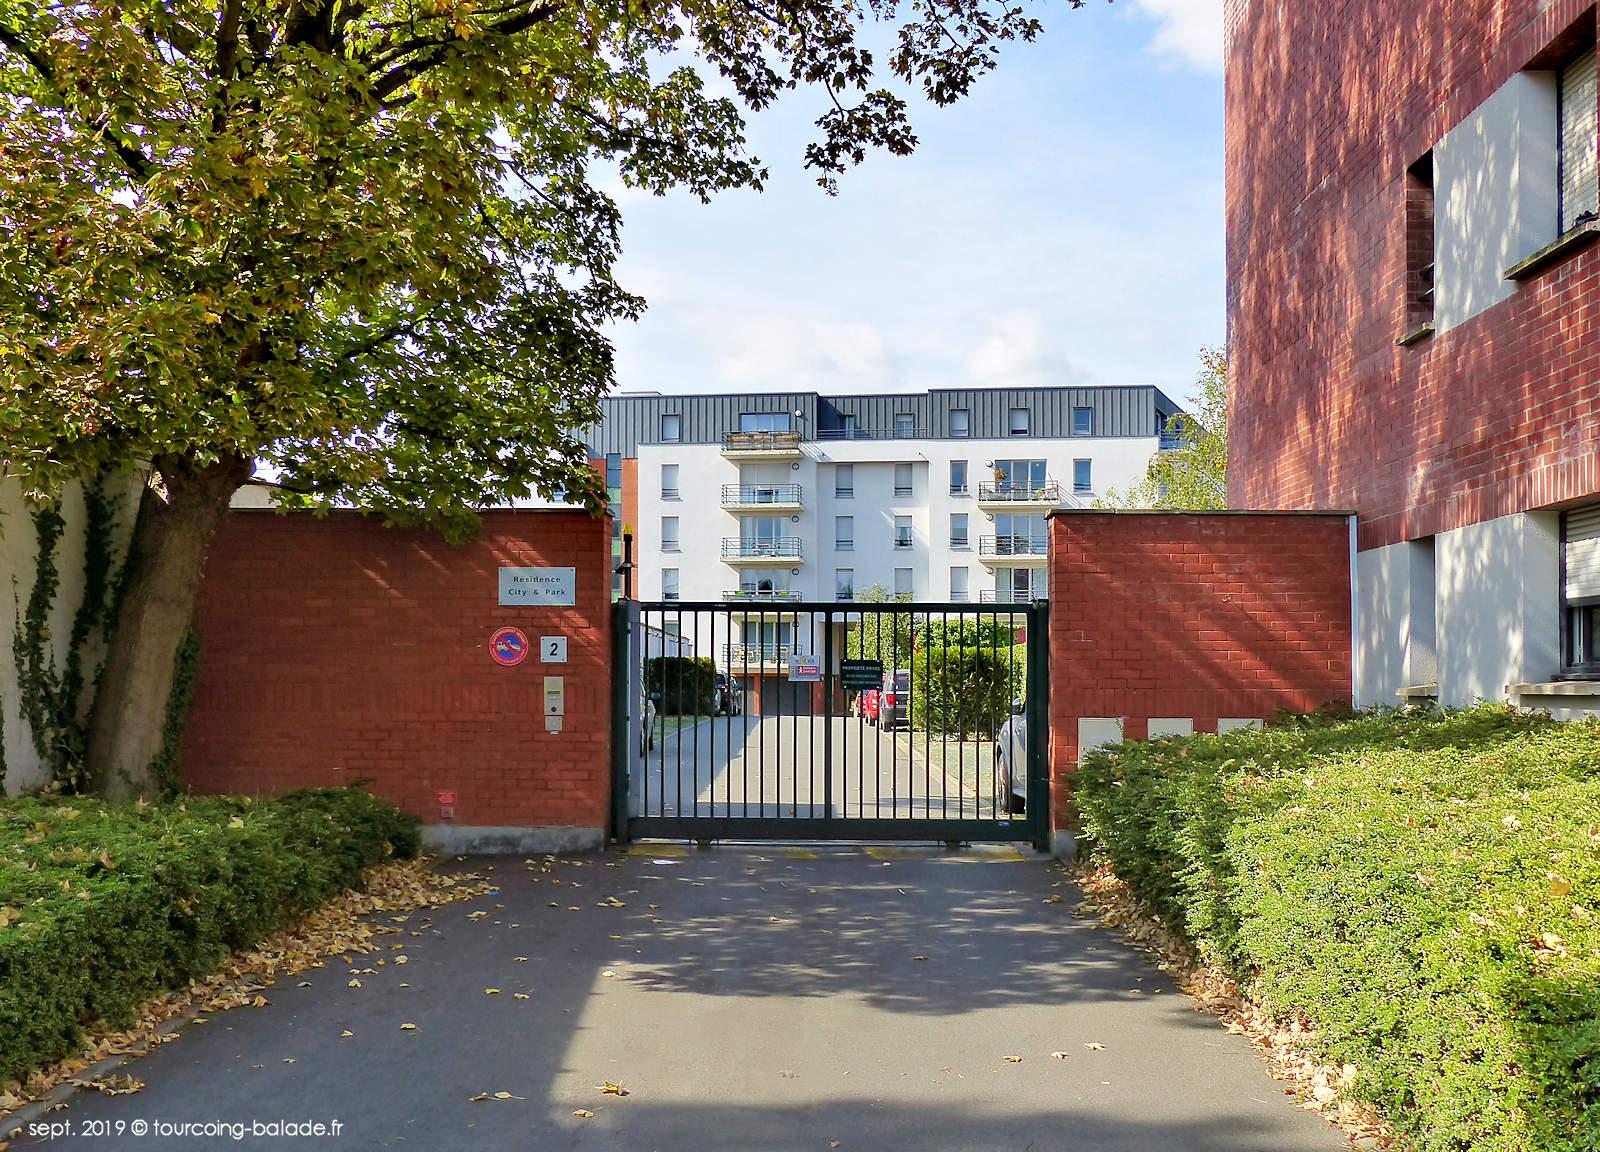 Résidence City & Park, Tourcoing - Côté Quai de Cherbourg